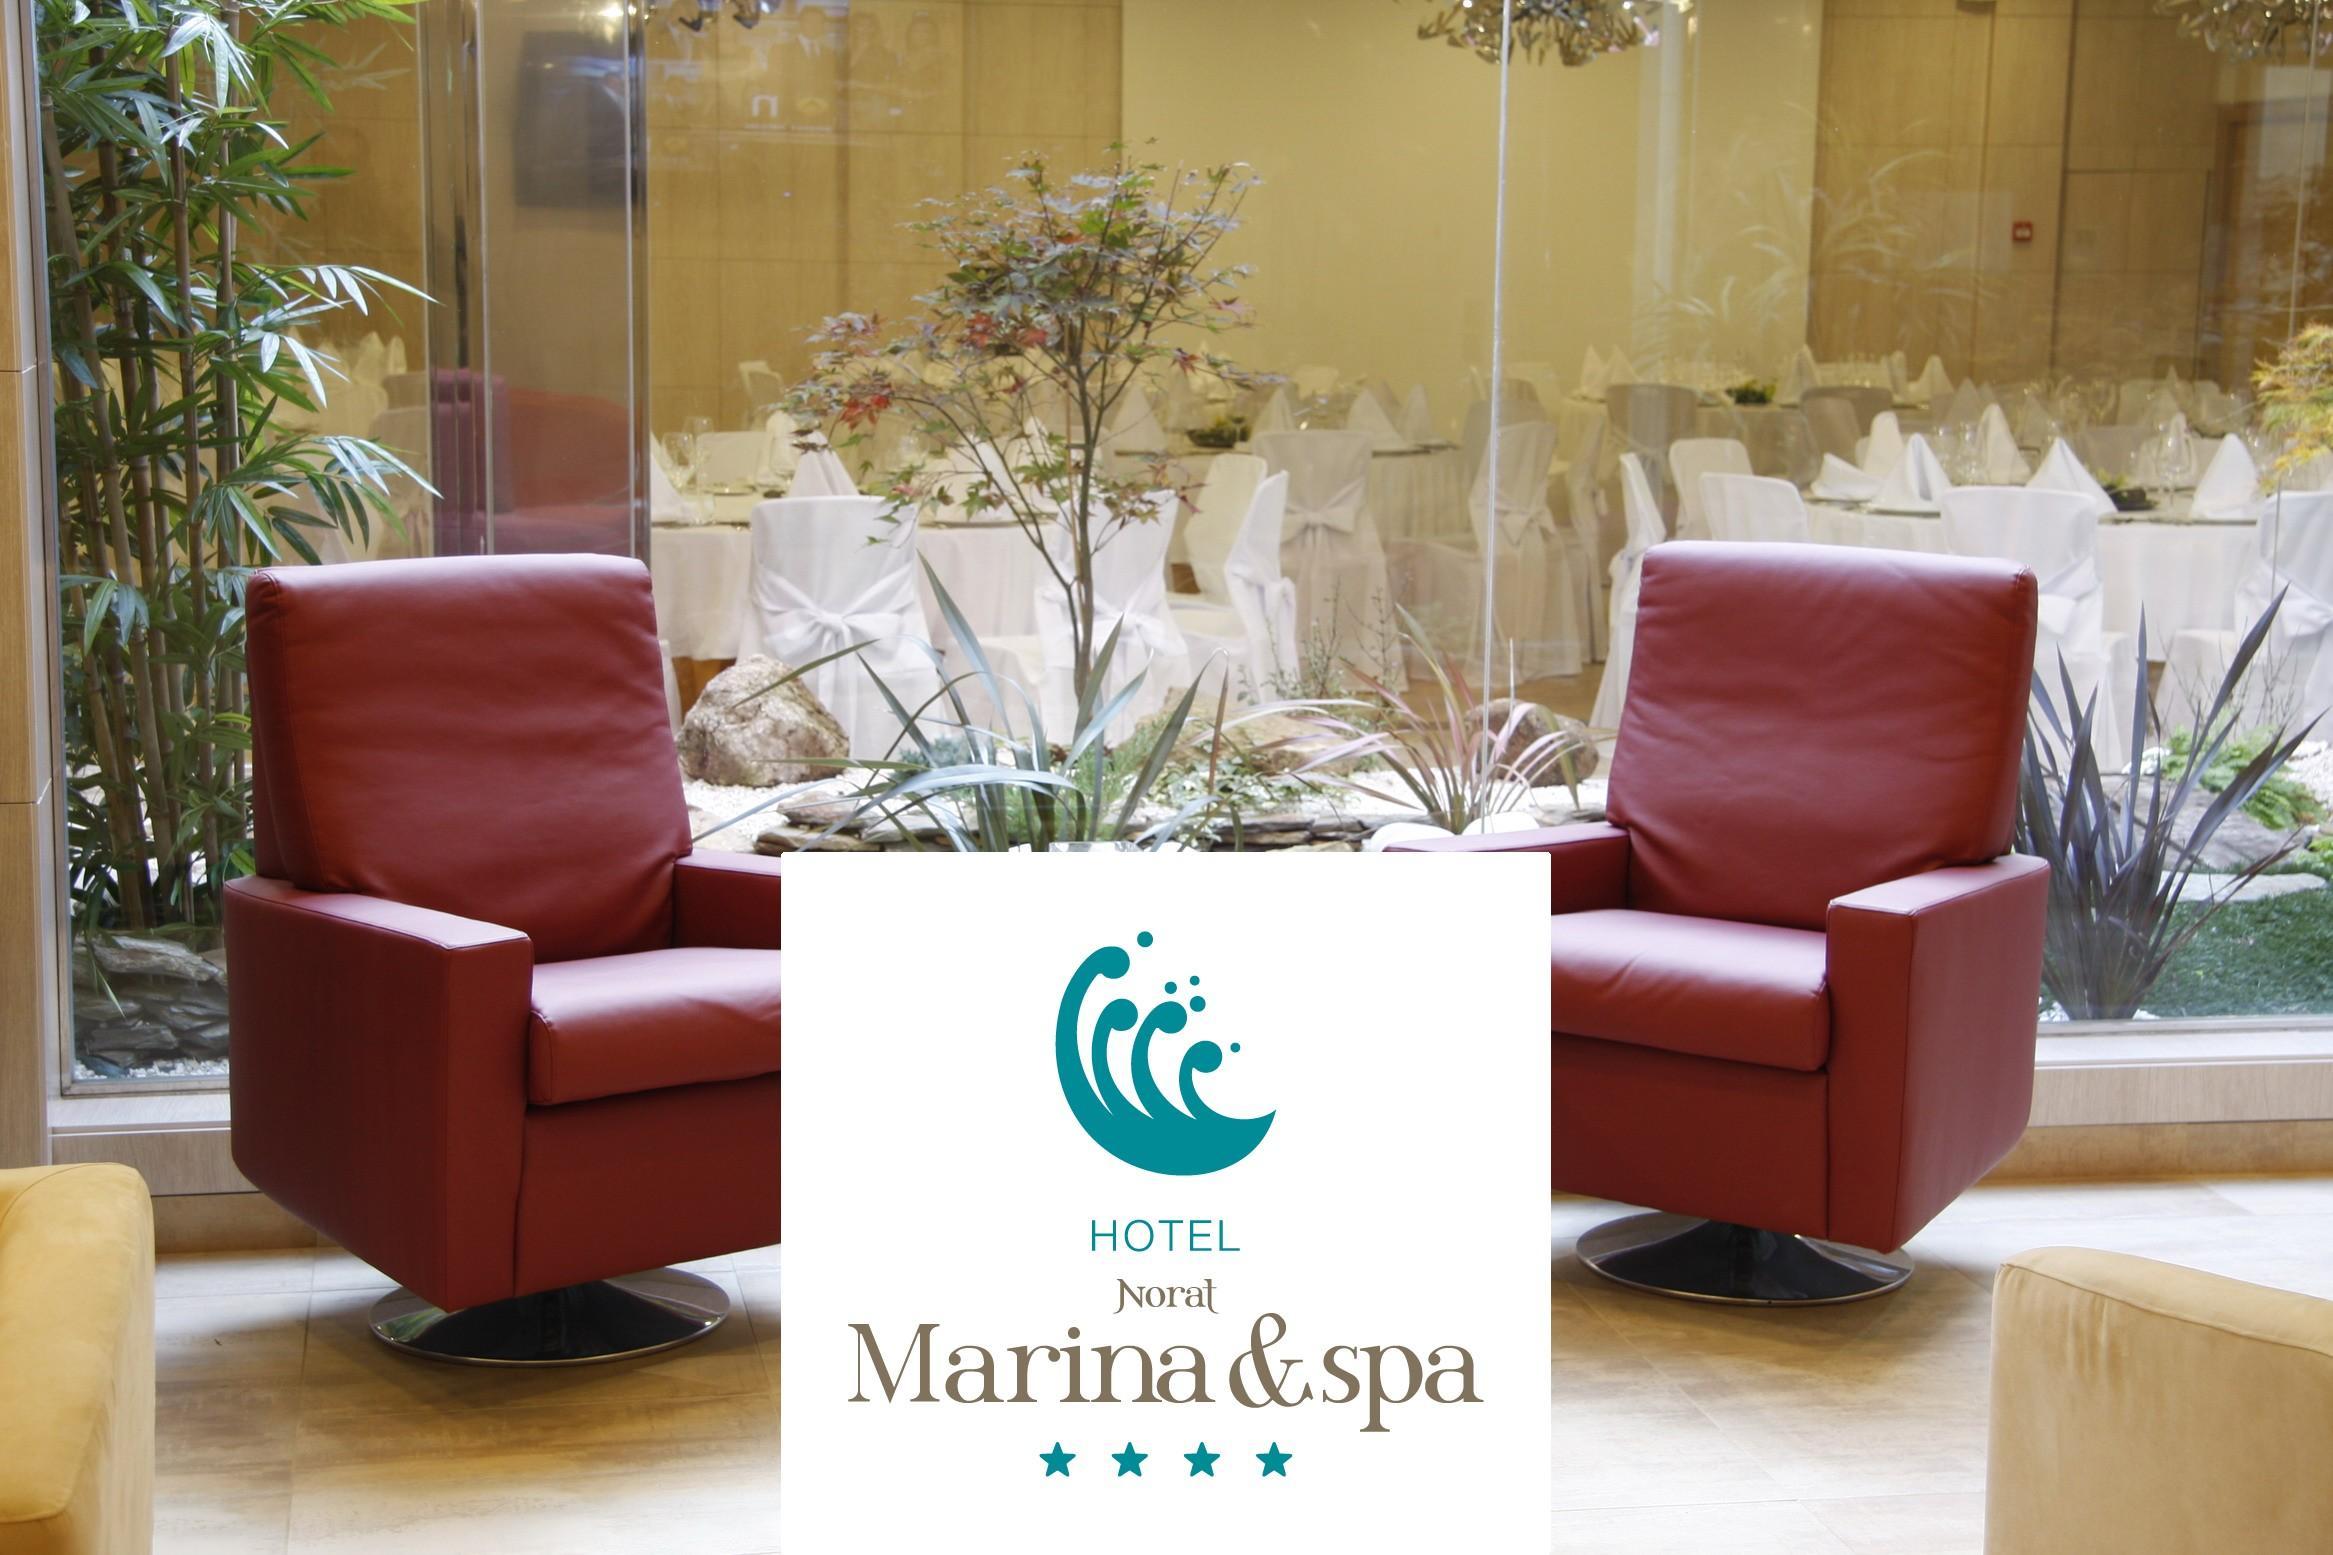 3. Norat Marina & Spa